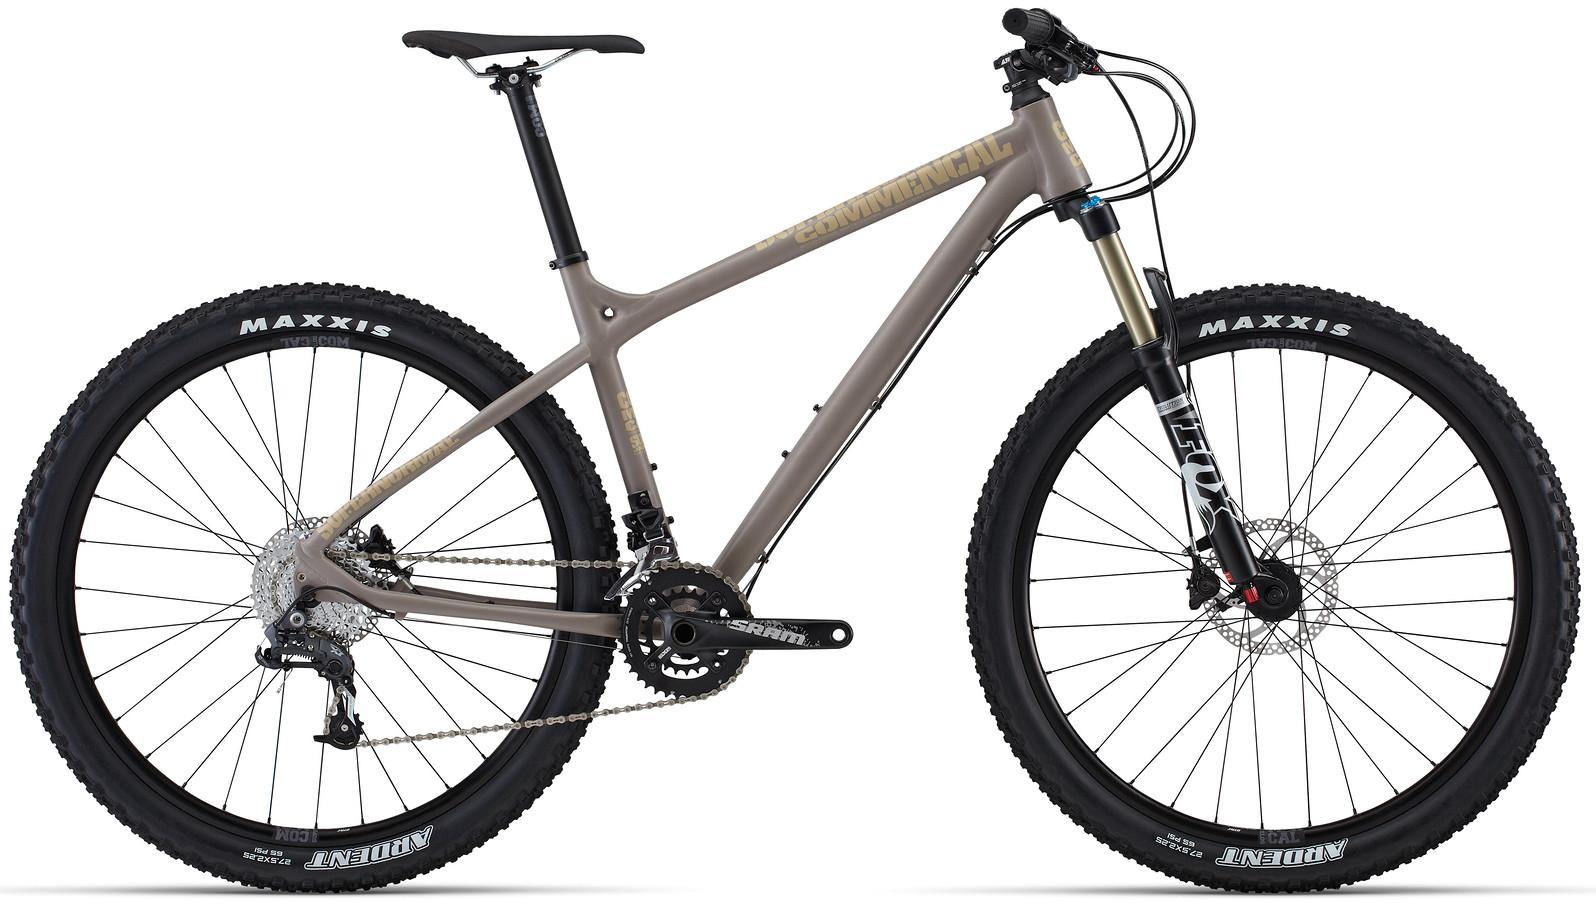 2014 Commencal Supernormal 1 Bike 14SUPERNOR1